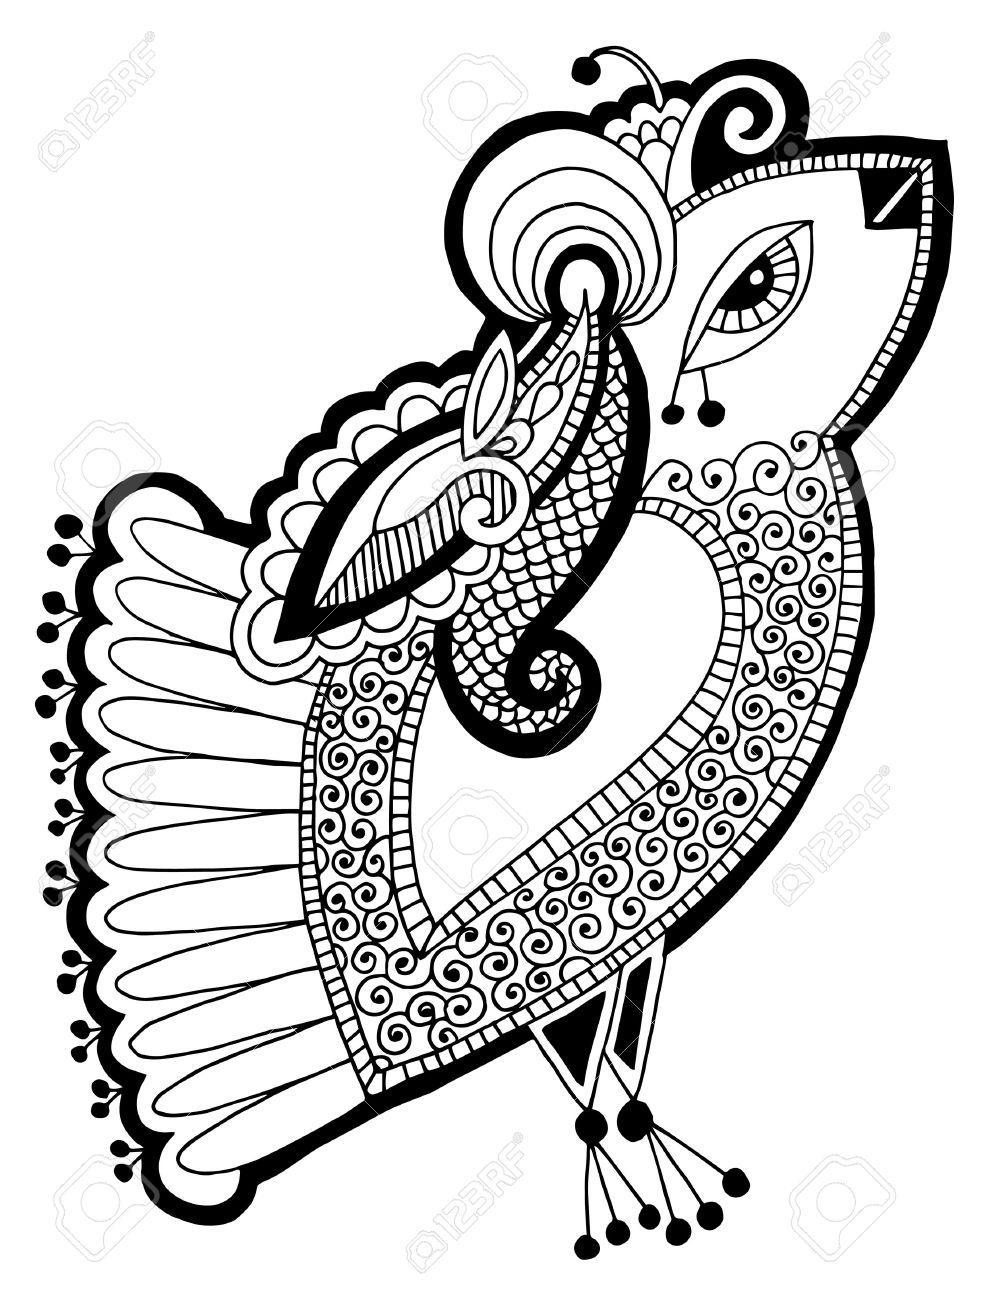 Noir Et Blanc Paon Oiseau Dessin Ethnique Décoratif Illustration Vectorielle